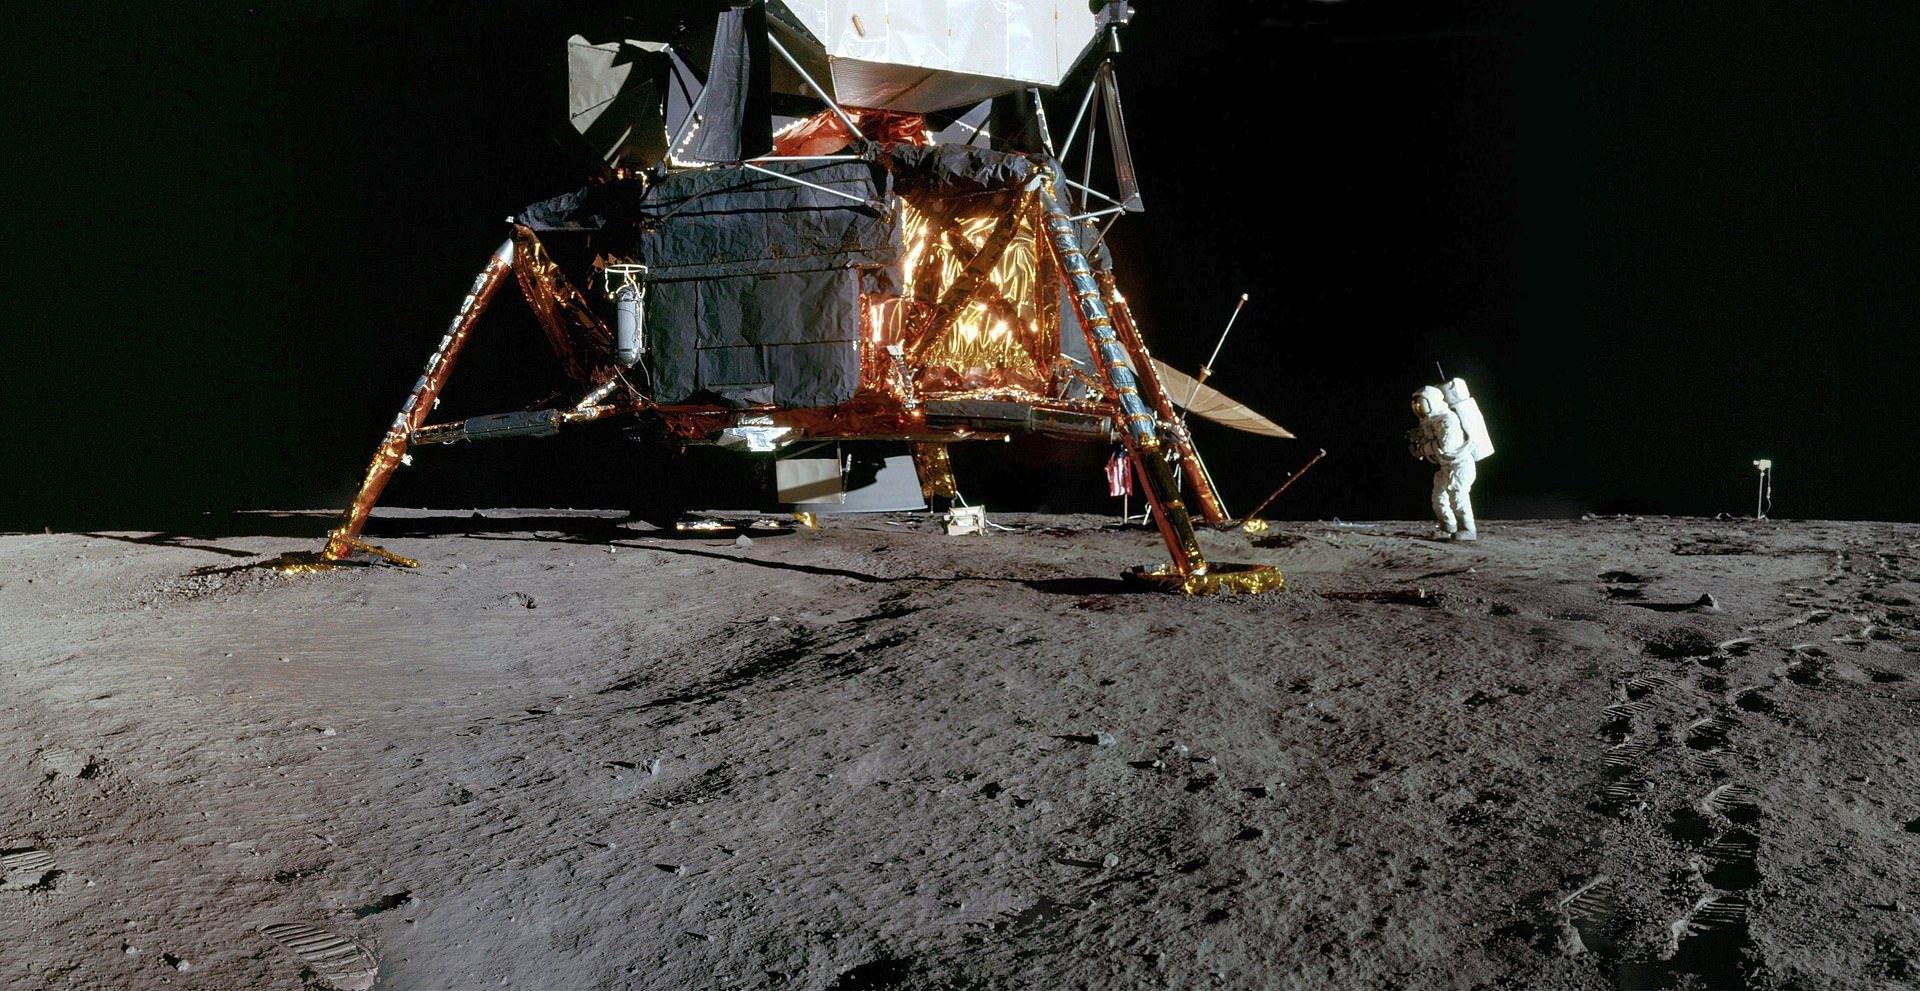 Apollo 11 anniversary: Nation celebrates 50th anniversary